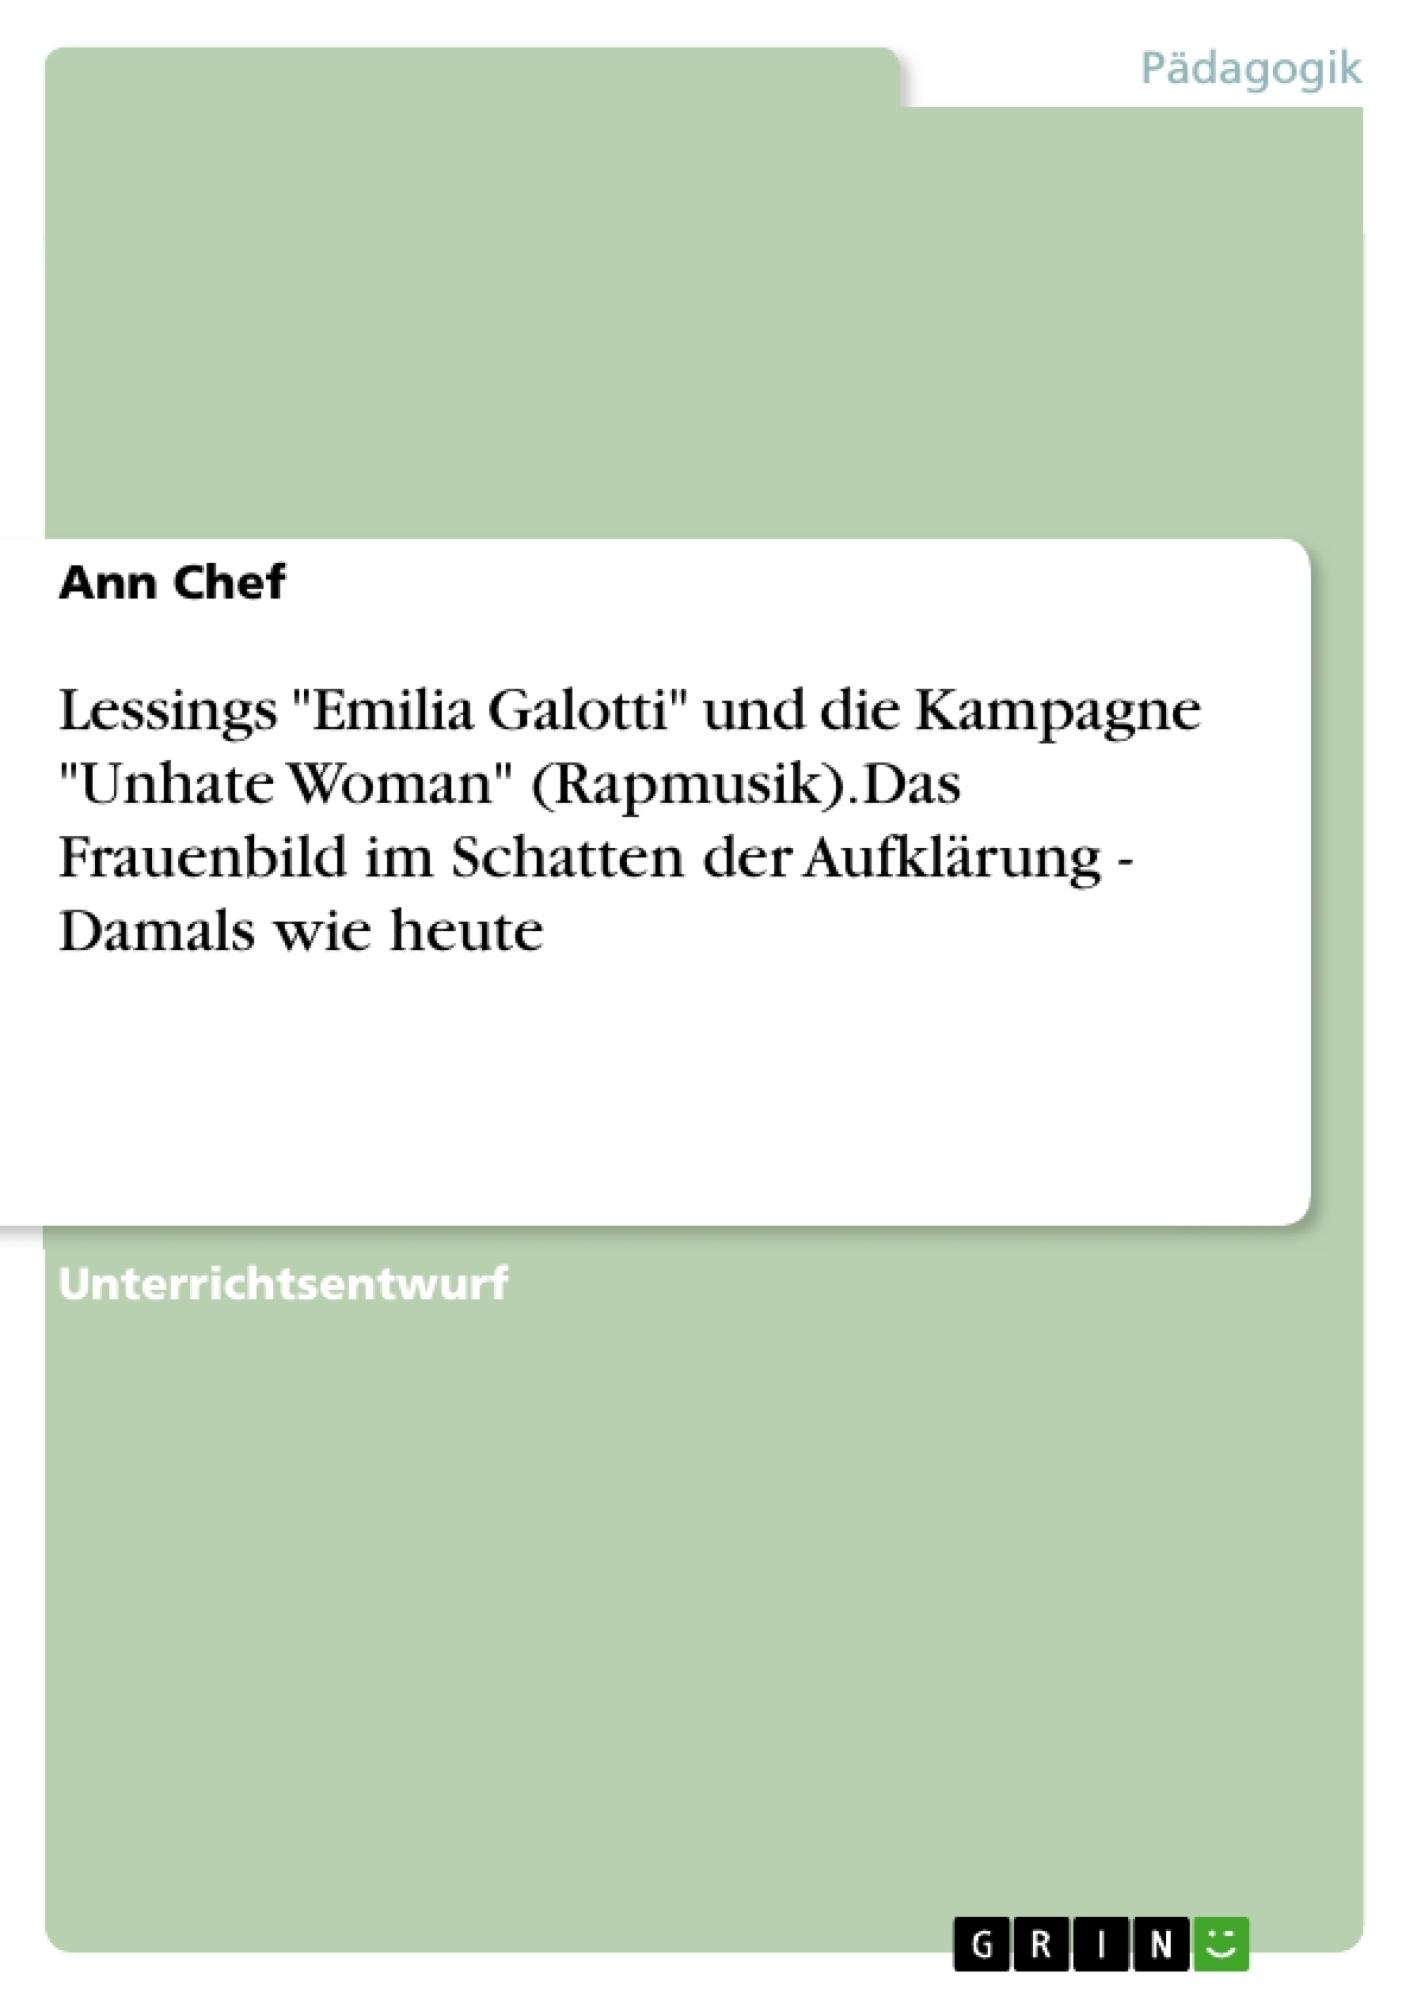 """Titel: Lessings """"Emilia Galotti"""" und die Kampagne """"Unhate Woman"""" (Rapmusik).Das Frauenbild im Schatten der Aufklärung - Damals wie heute"""